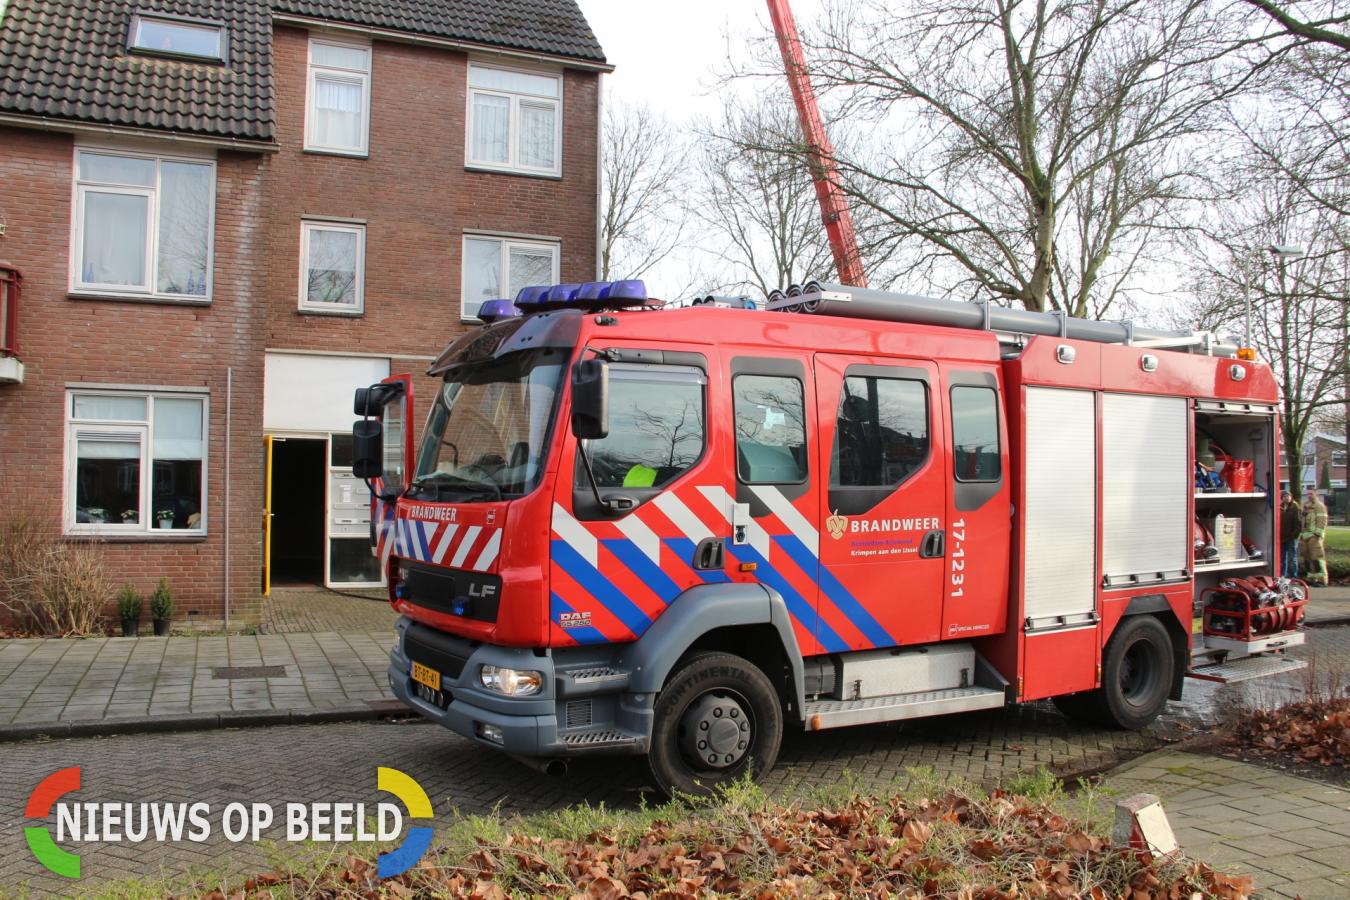 Hennepkwekerij ontdekt bij brand in woning Vederkruid Krimpen aan den IJssel (Video)